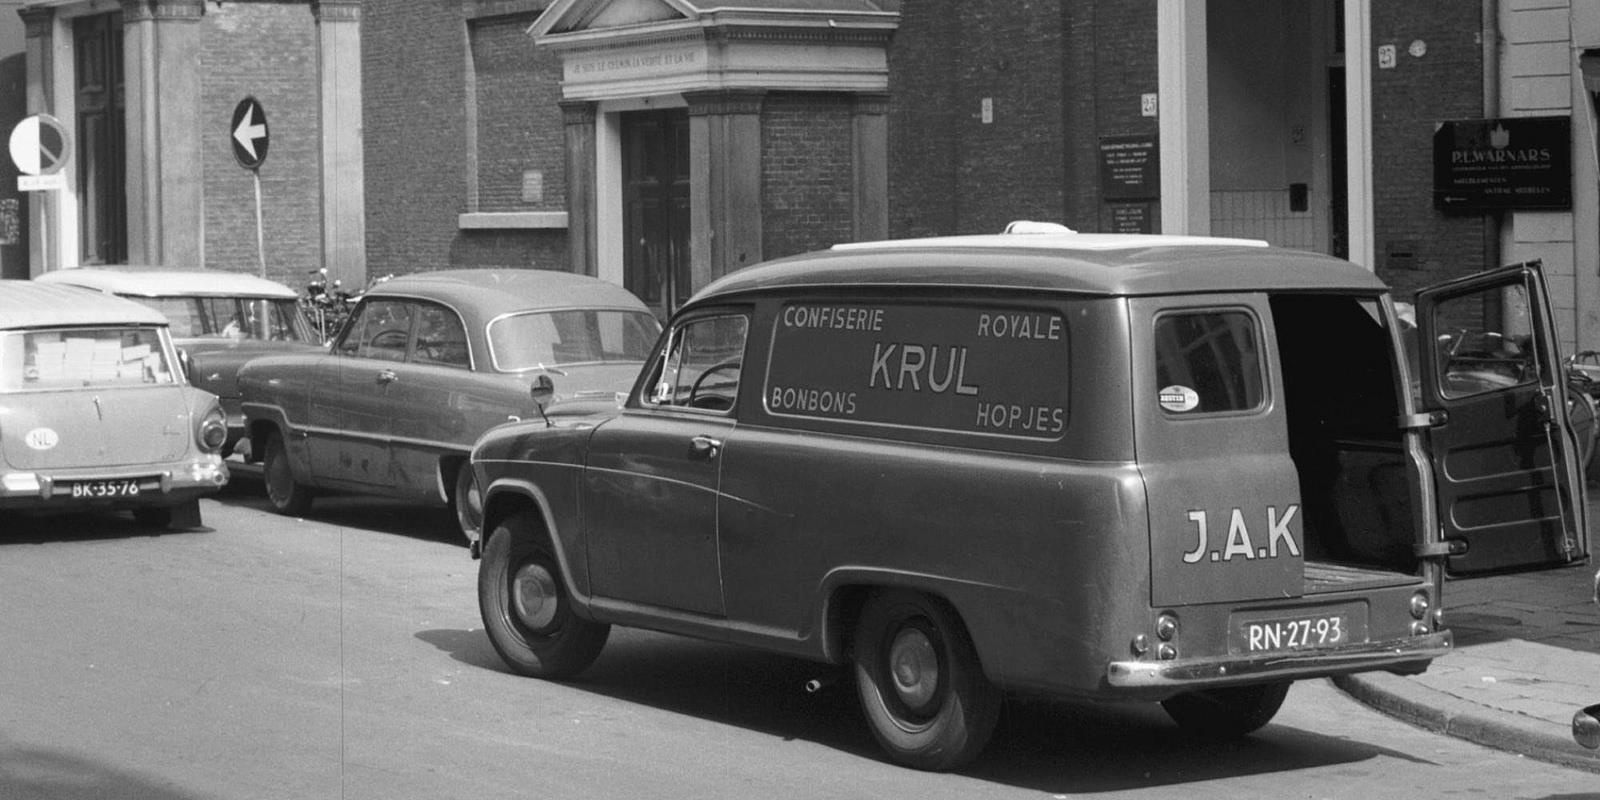 Den-Haag-Gebr.Krul-Tearoom-en-Confiserie-1963-